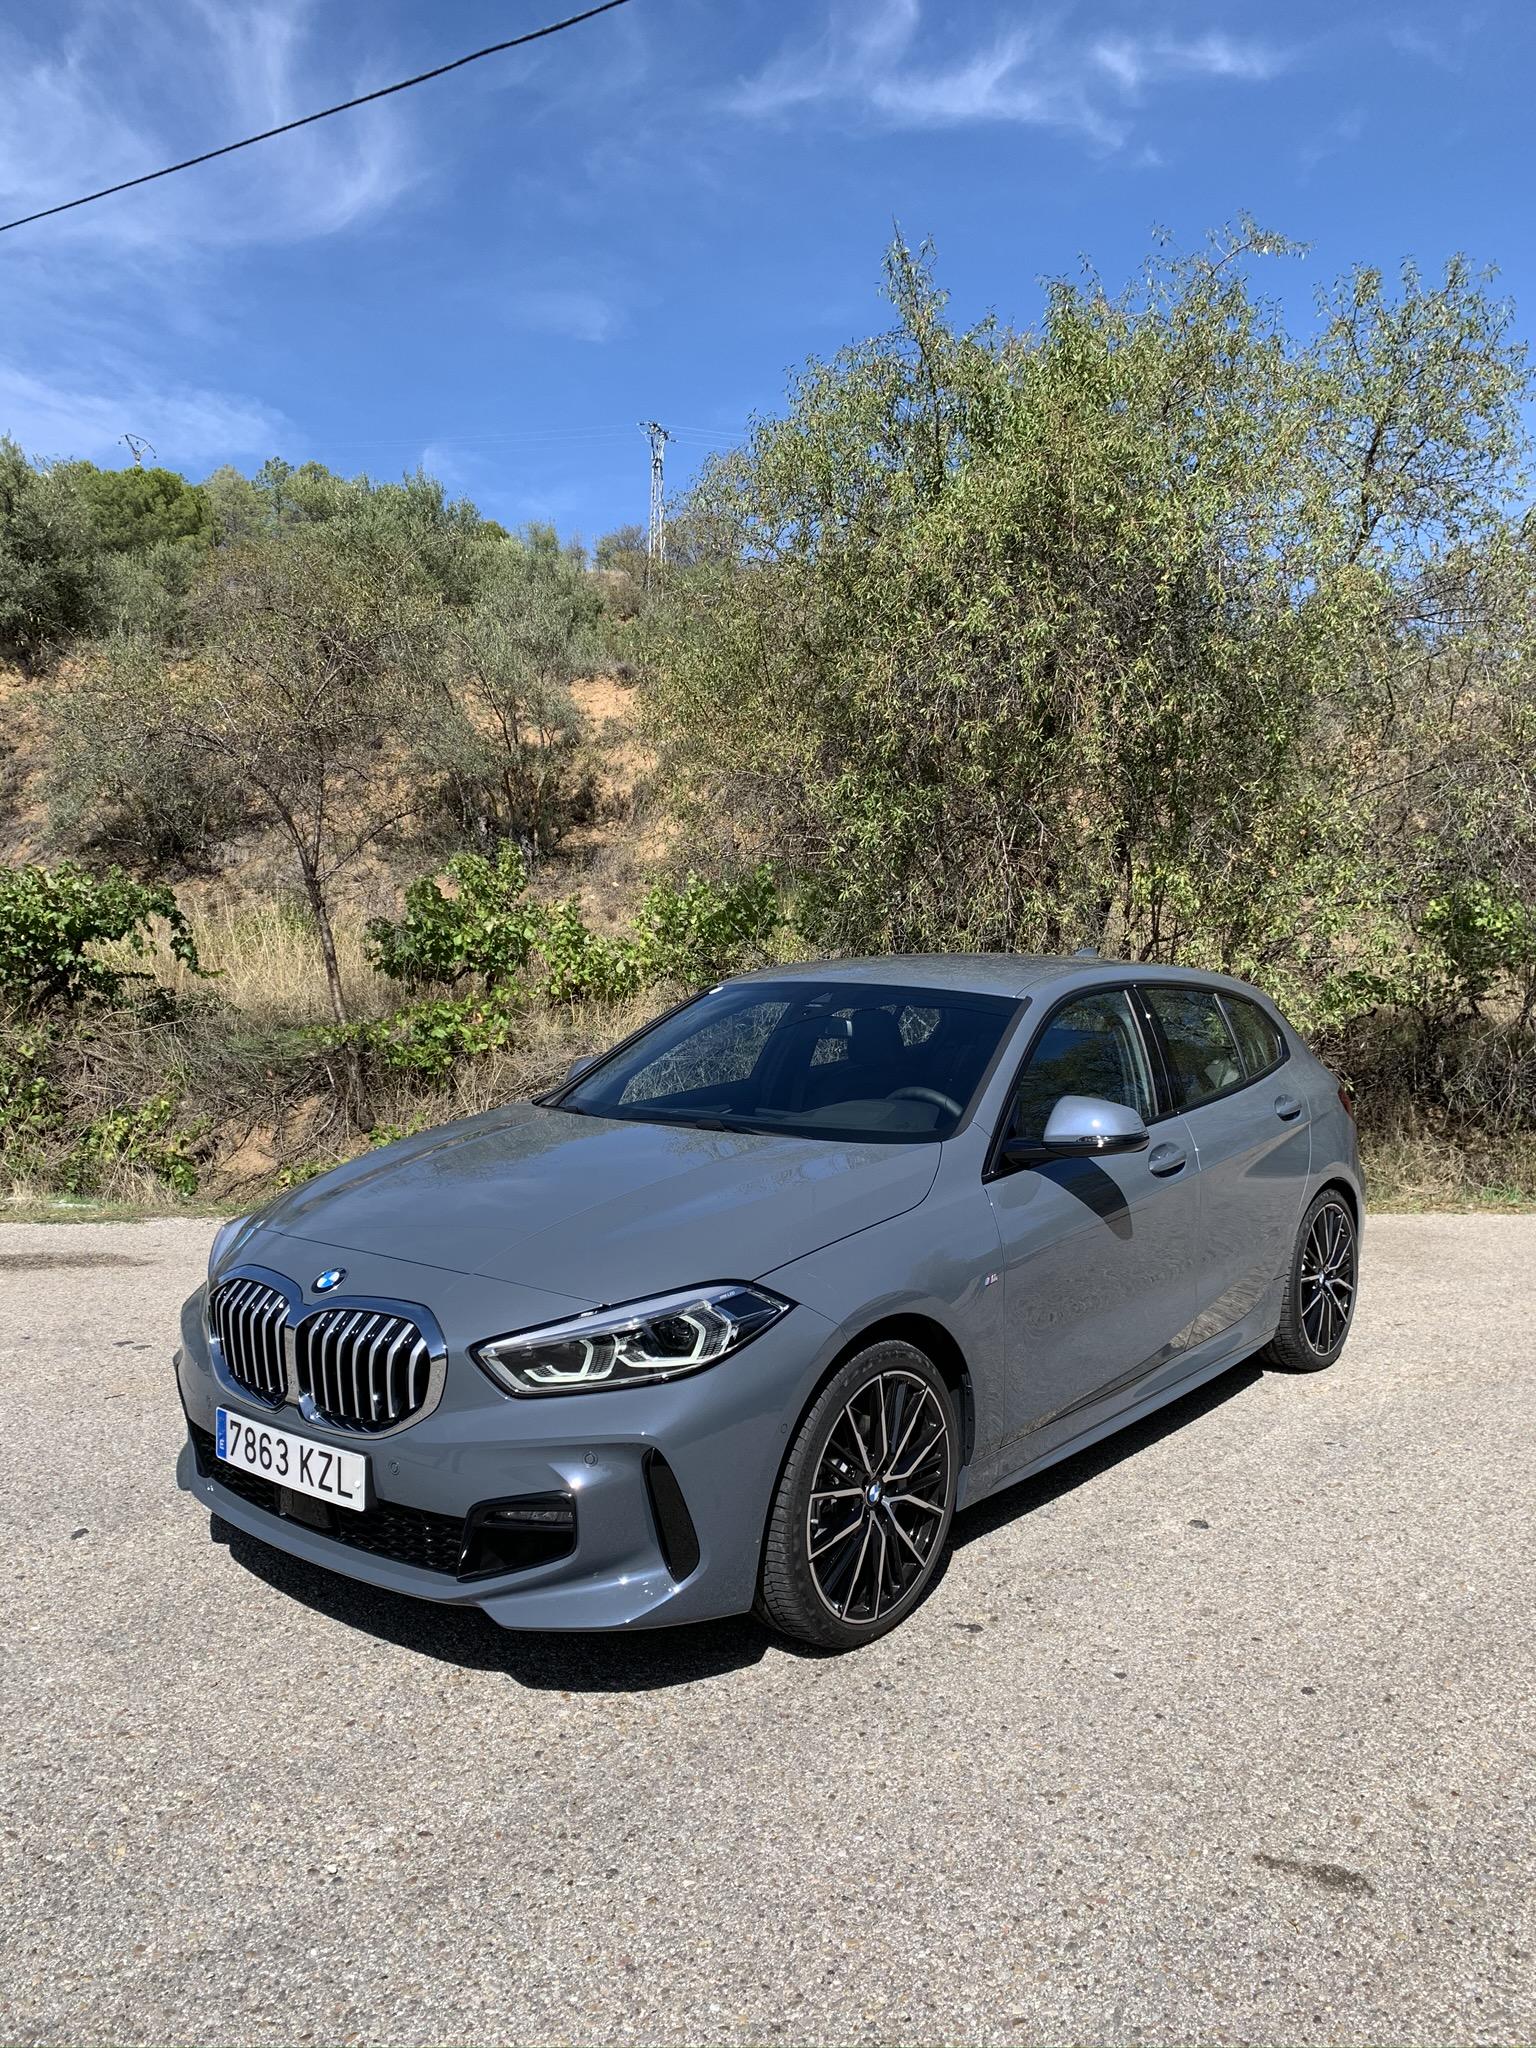 NUEVO BMW SERIE 1, DEPORTIVIDAD Y ESPACIO CON TRACCIÓN DELANTERA